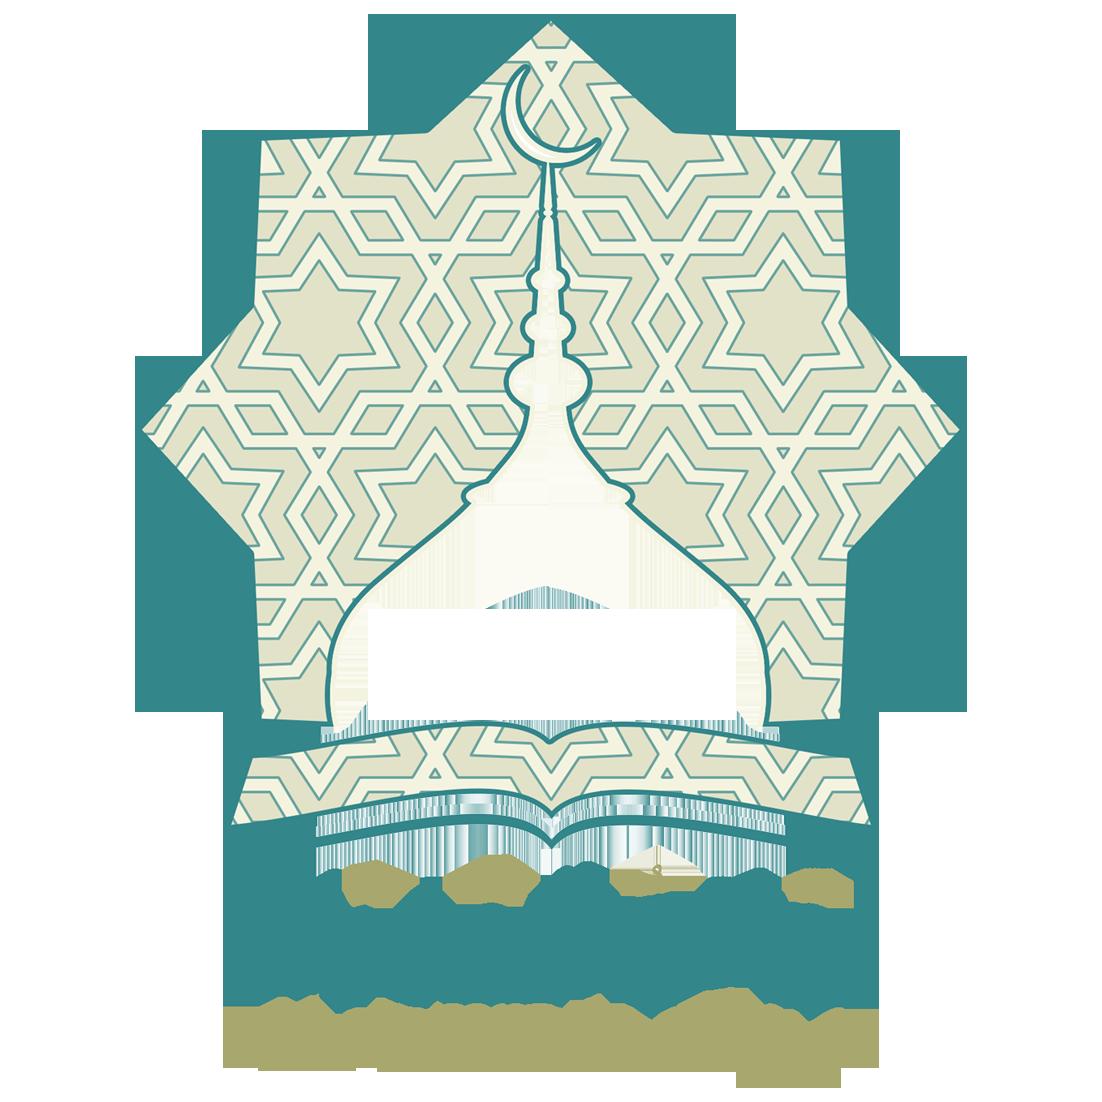 الدورة الصيفية المكثفة لحفظ القرآن الكريم بجامع الحمراء